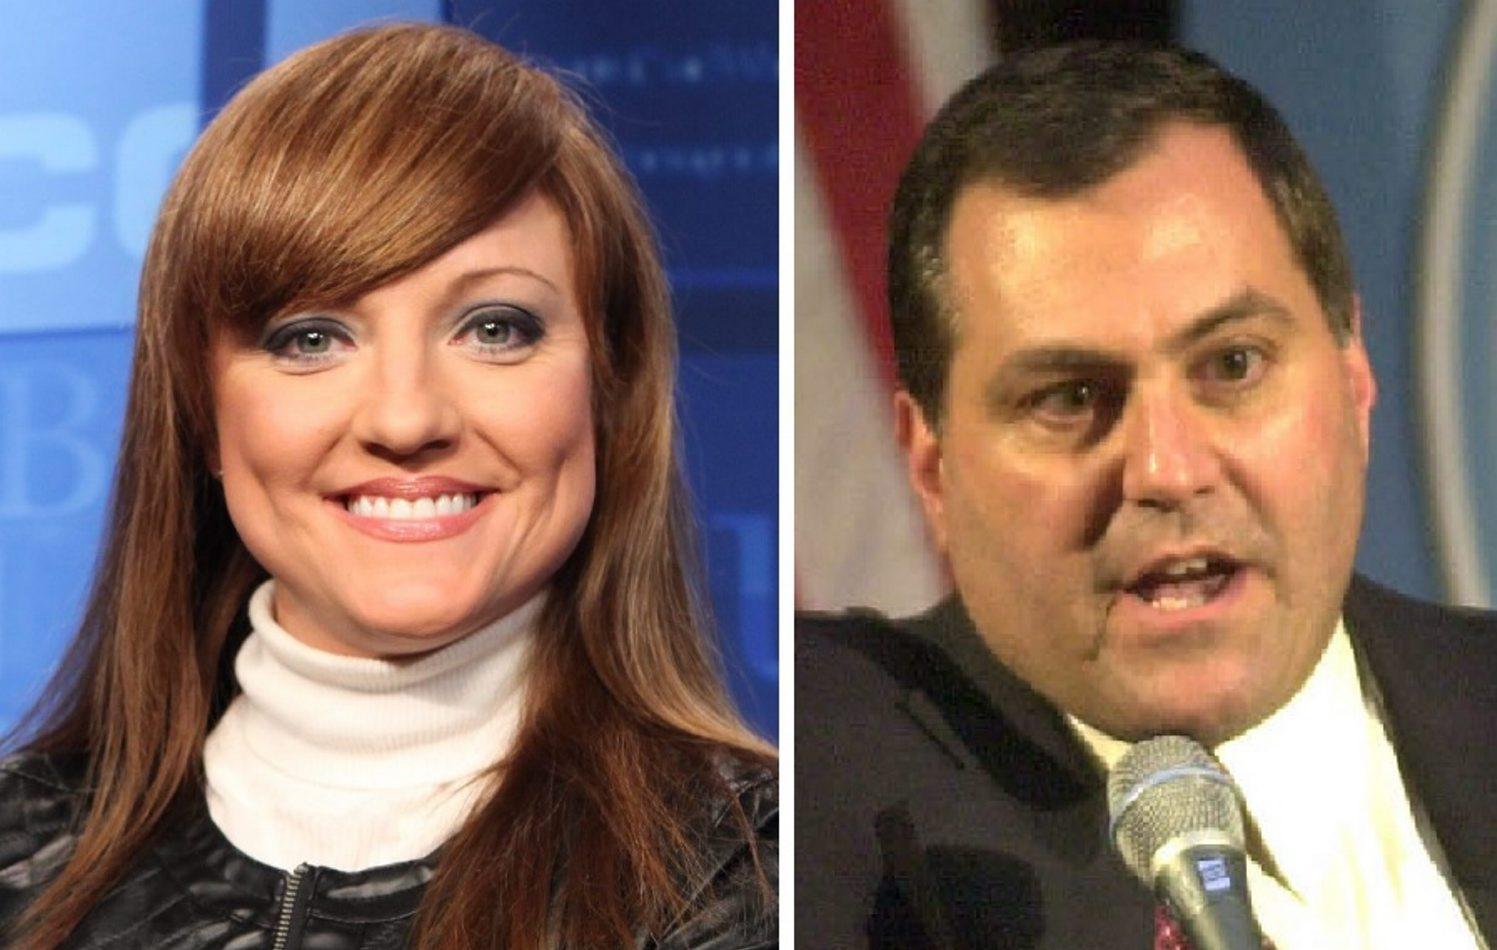 Kristy L. Mazurek is treasurer of Steve Pigeon's PAC.